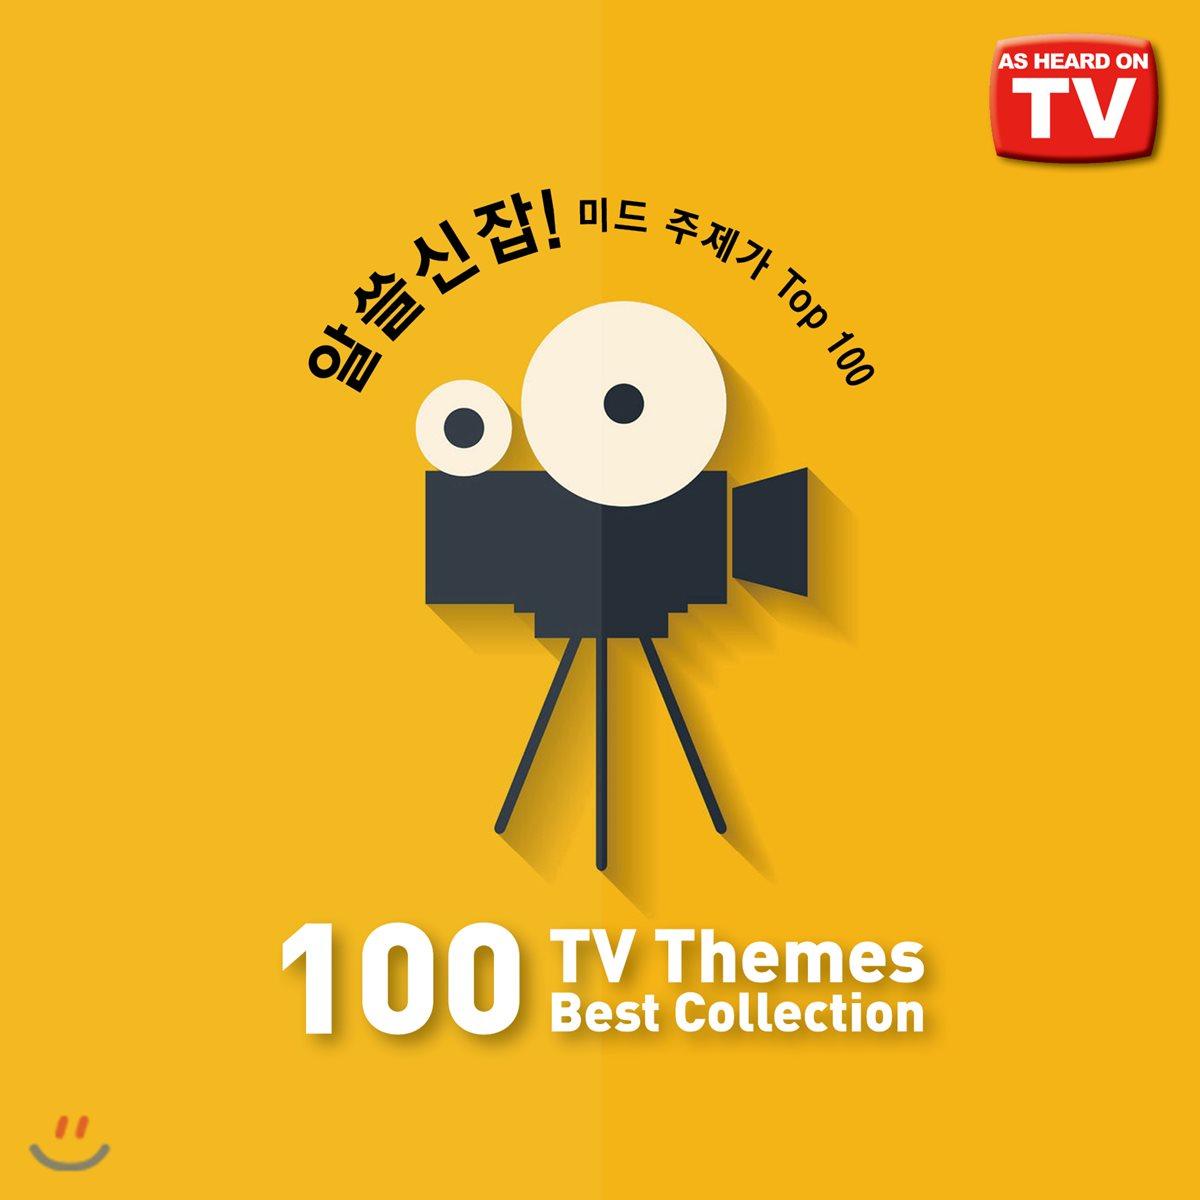 알쓸신잡! 미드 주제가 TOP 100 (100 TV Themes Best Collection)